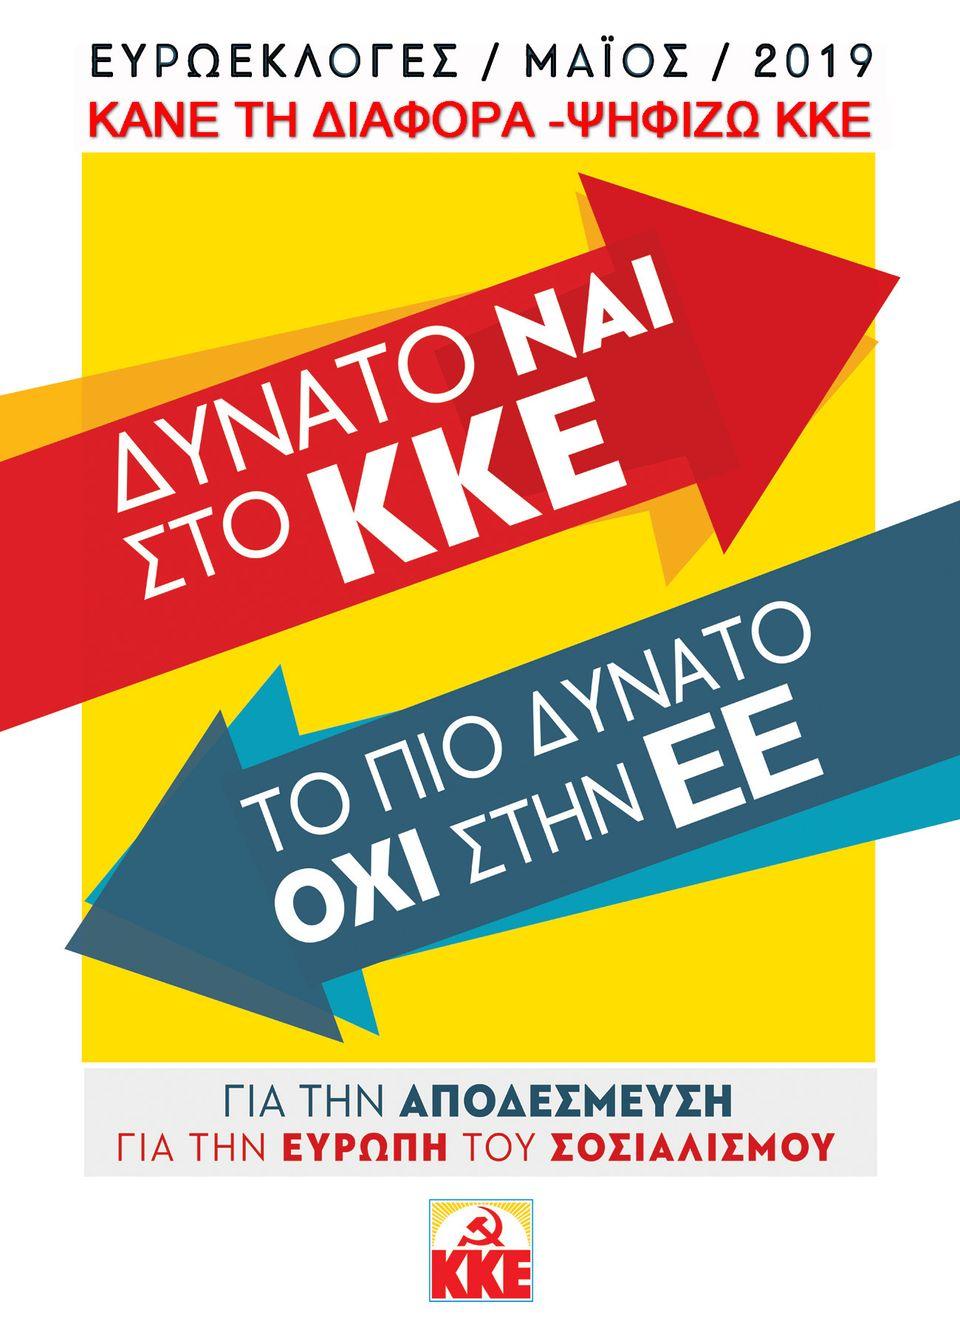 Κεντρική αφίσα του ΚΚΕ για τις Ευρωεκλογές